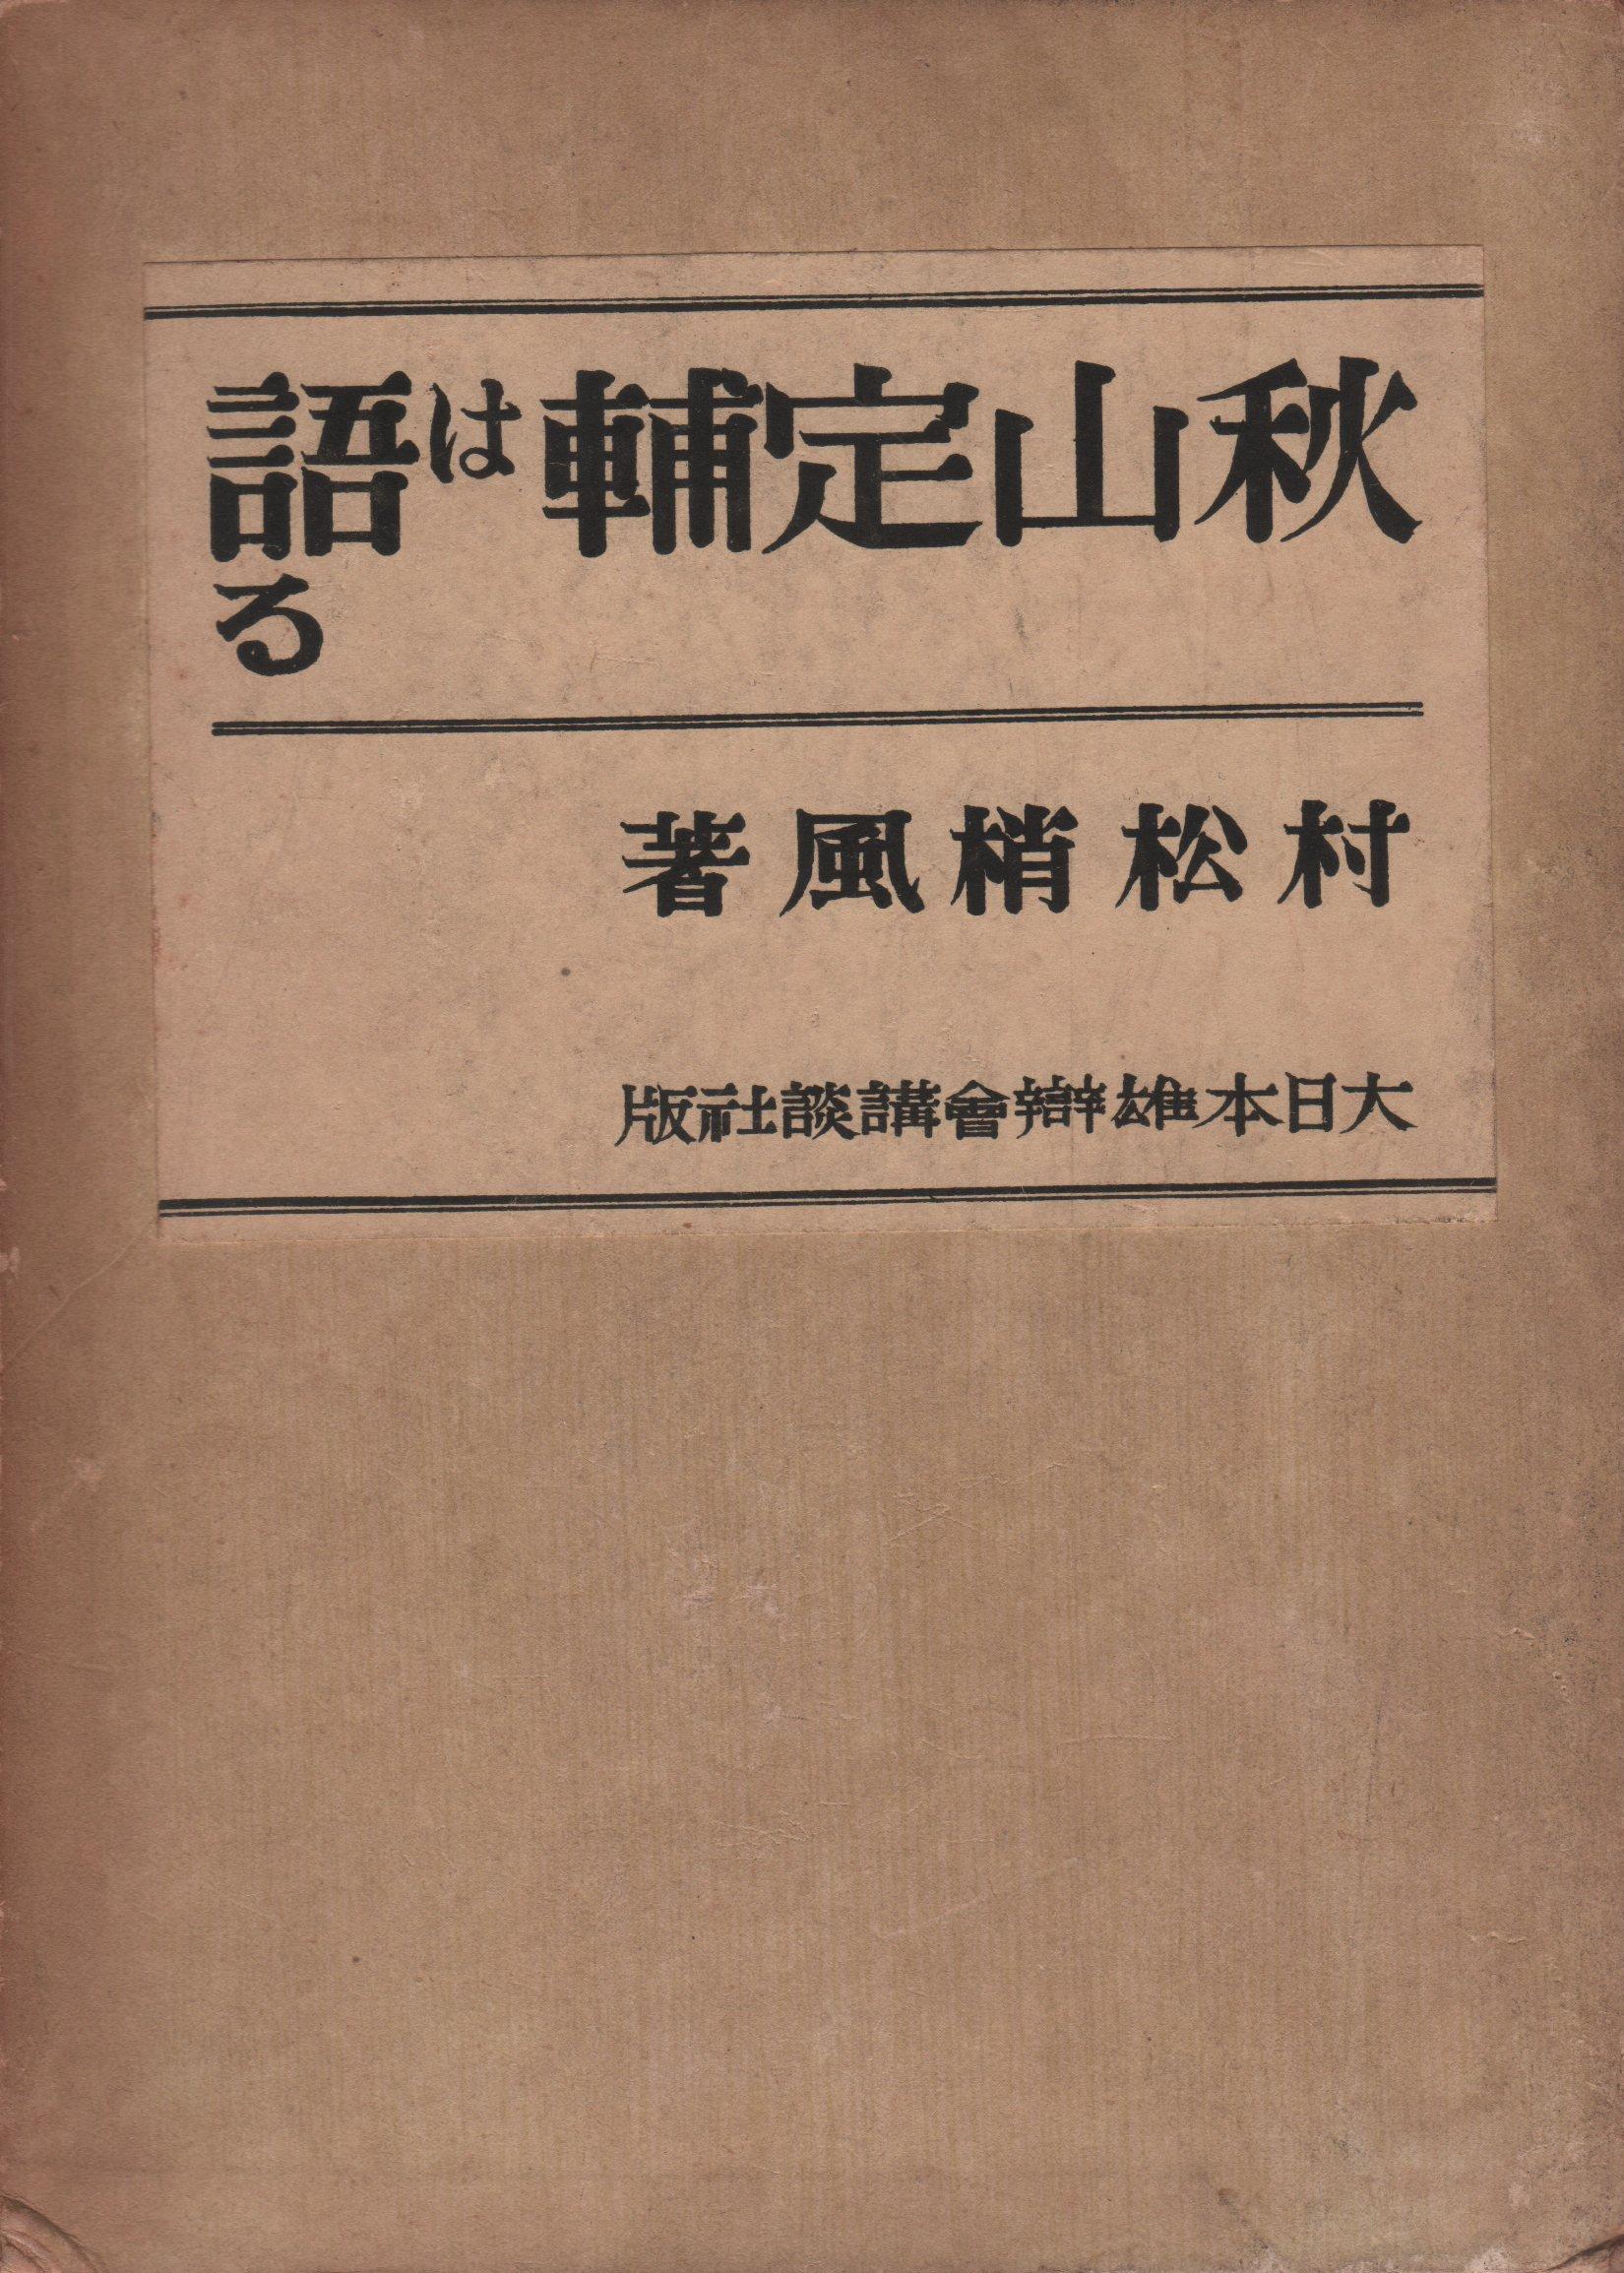 秋山定輔は語る (1938年) | 秋山...